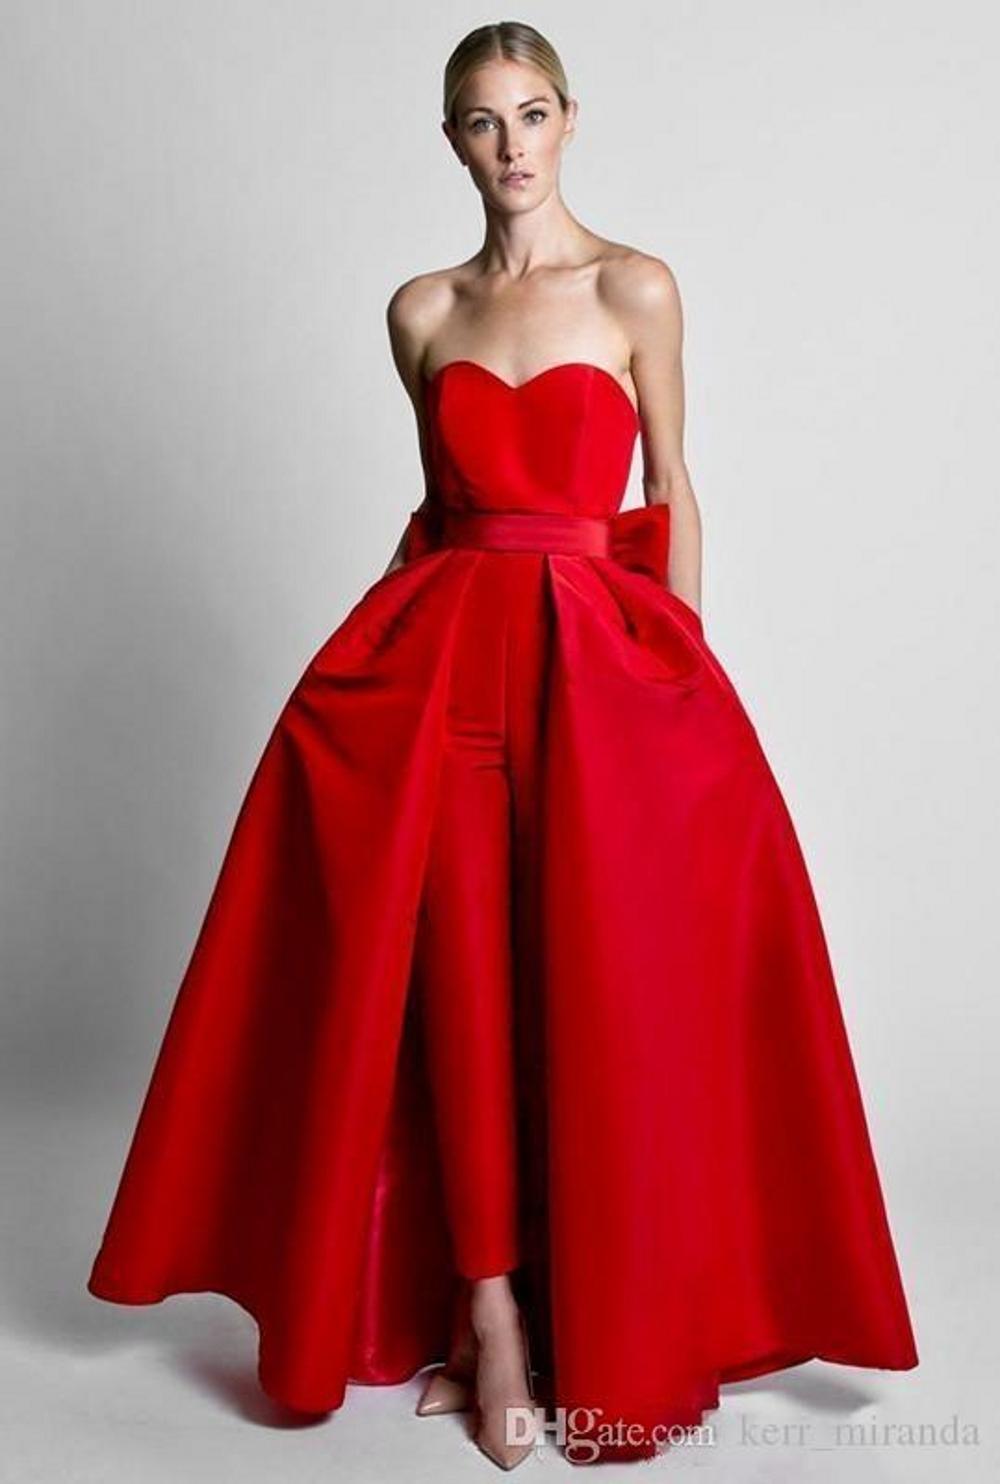 Pantaloni moderna Krikor Jabotian Red tute Abiti da sera con gonna staccabile Sweetheart Prom abiti per le donne facevano DH4126 personalizzato